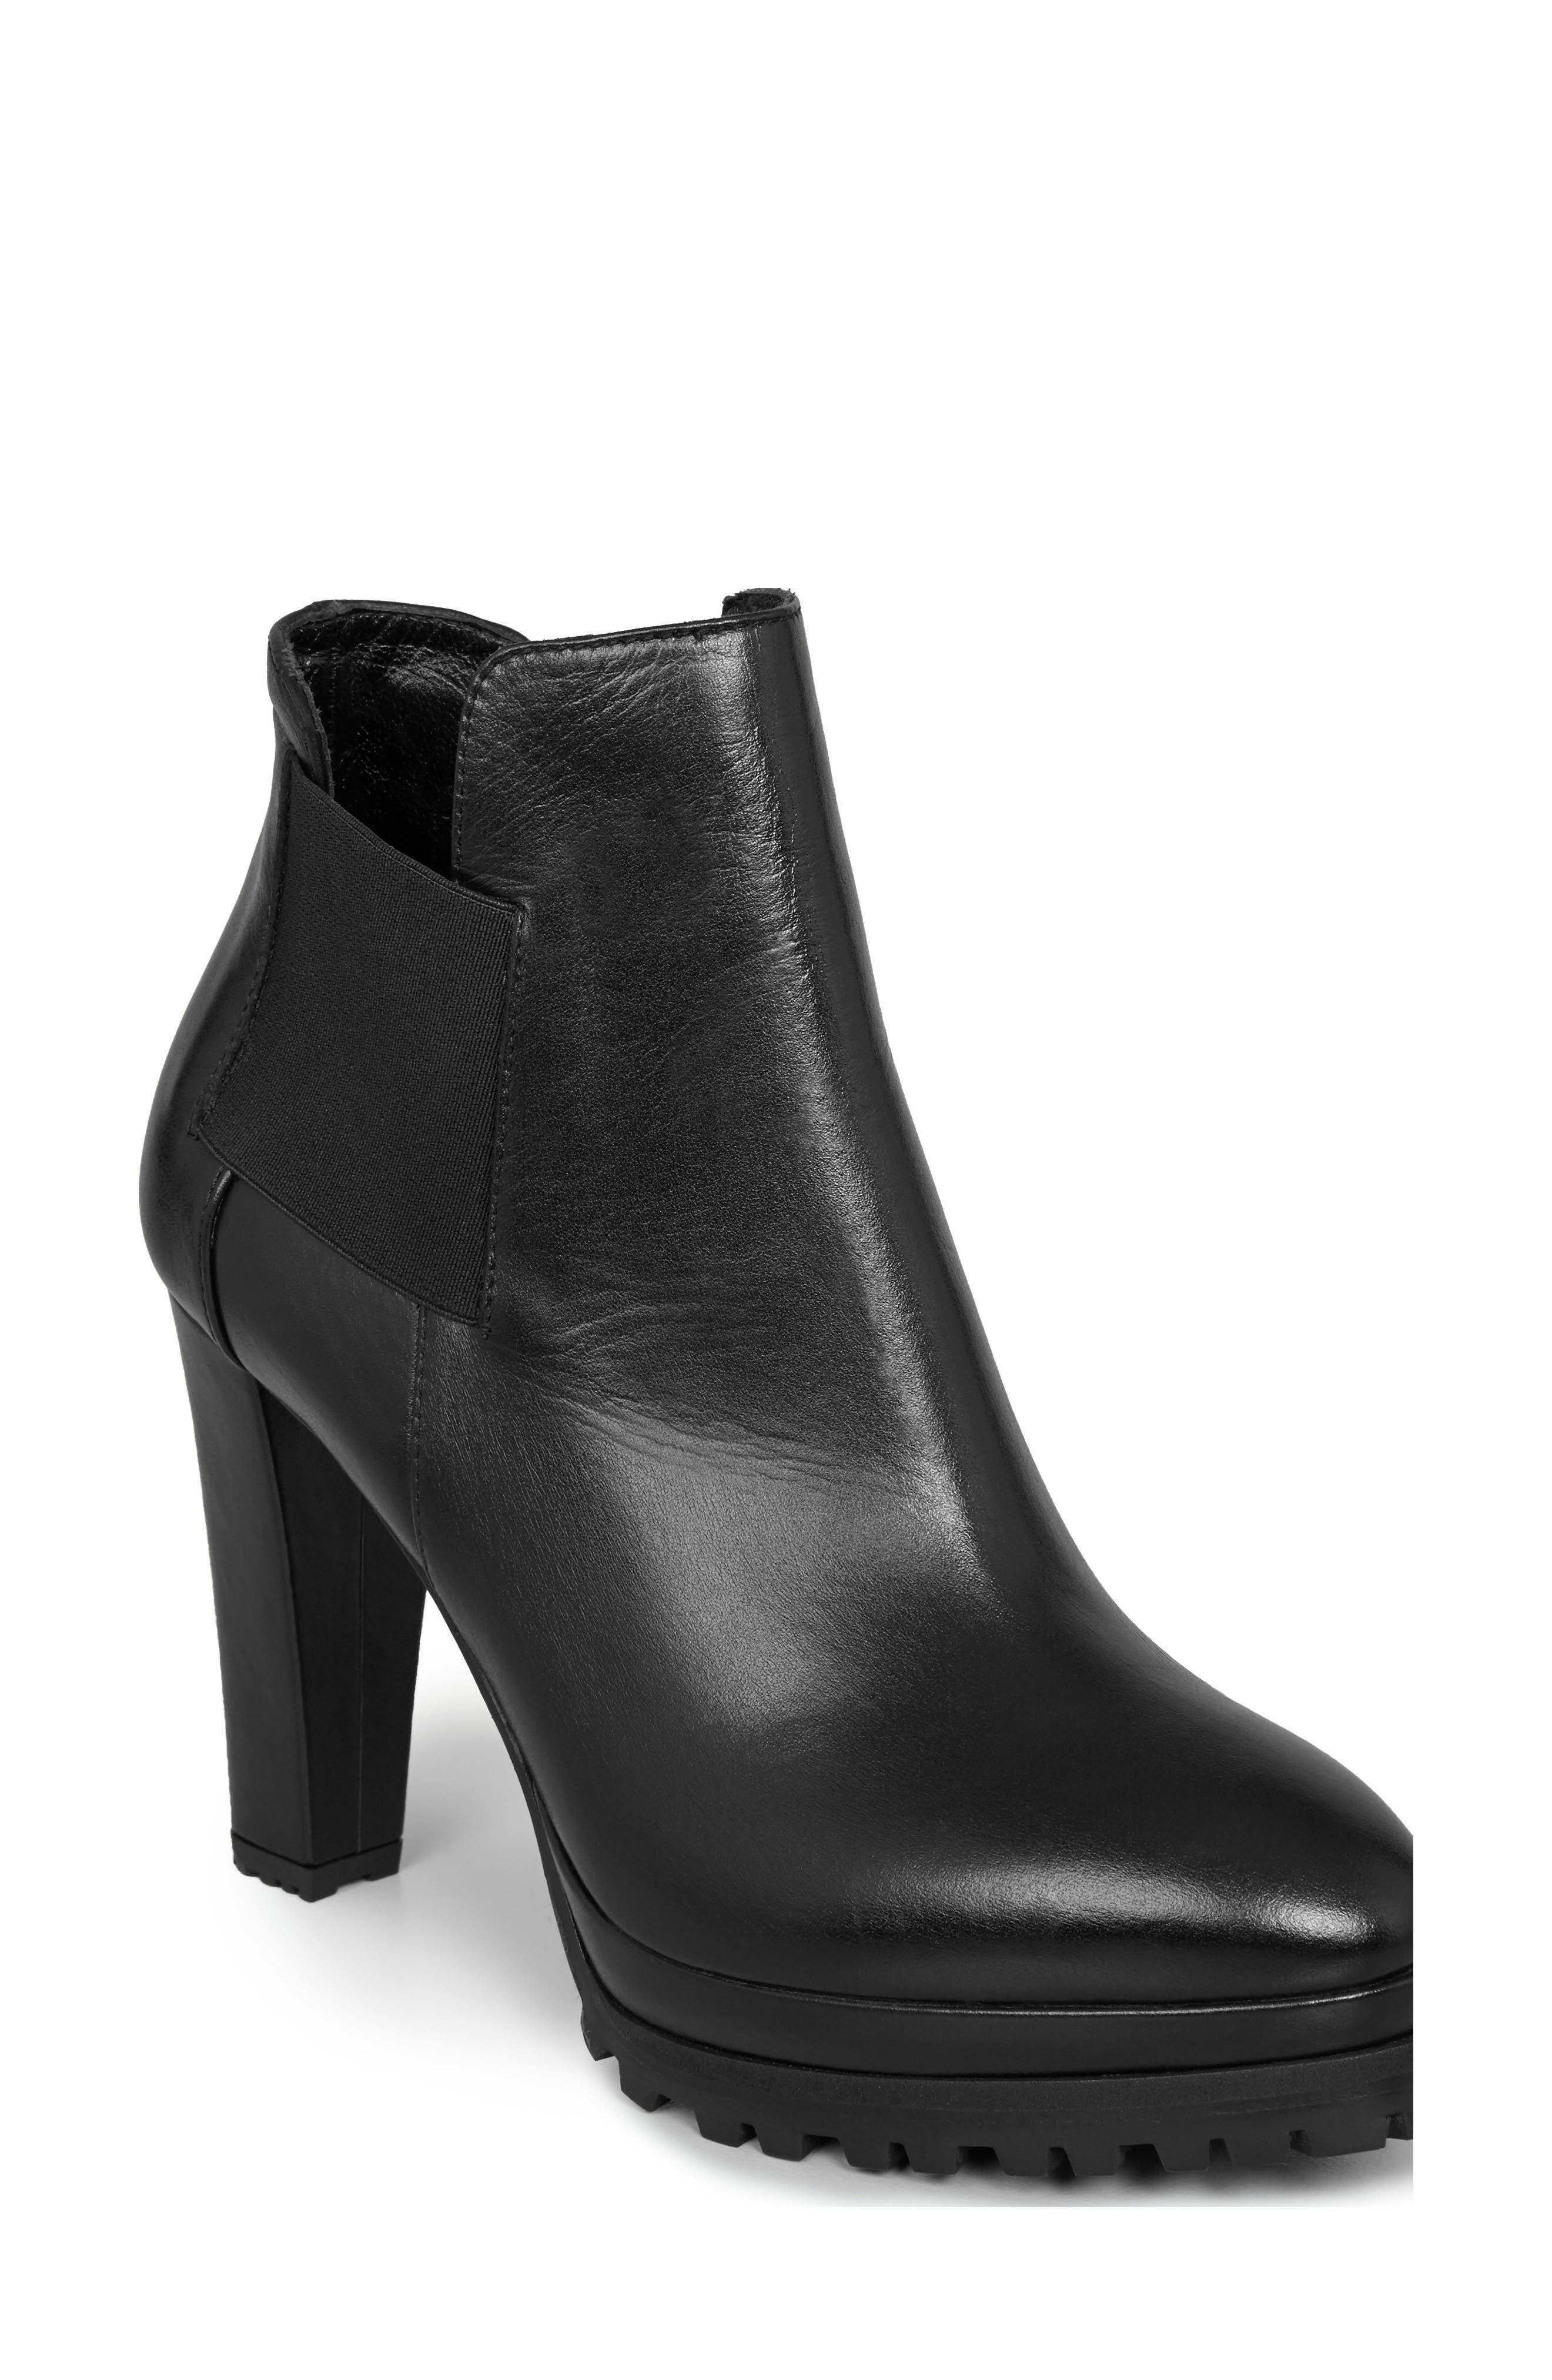 e0a7ab54528 Women s Boots Sale